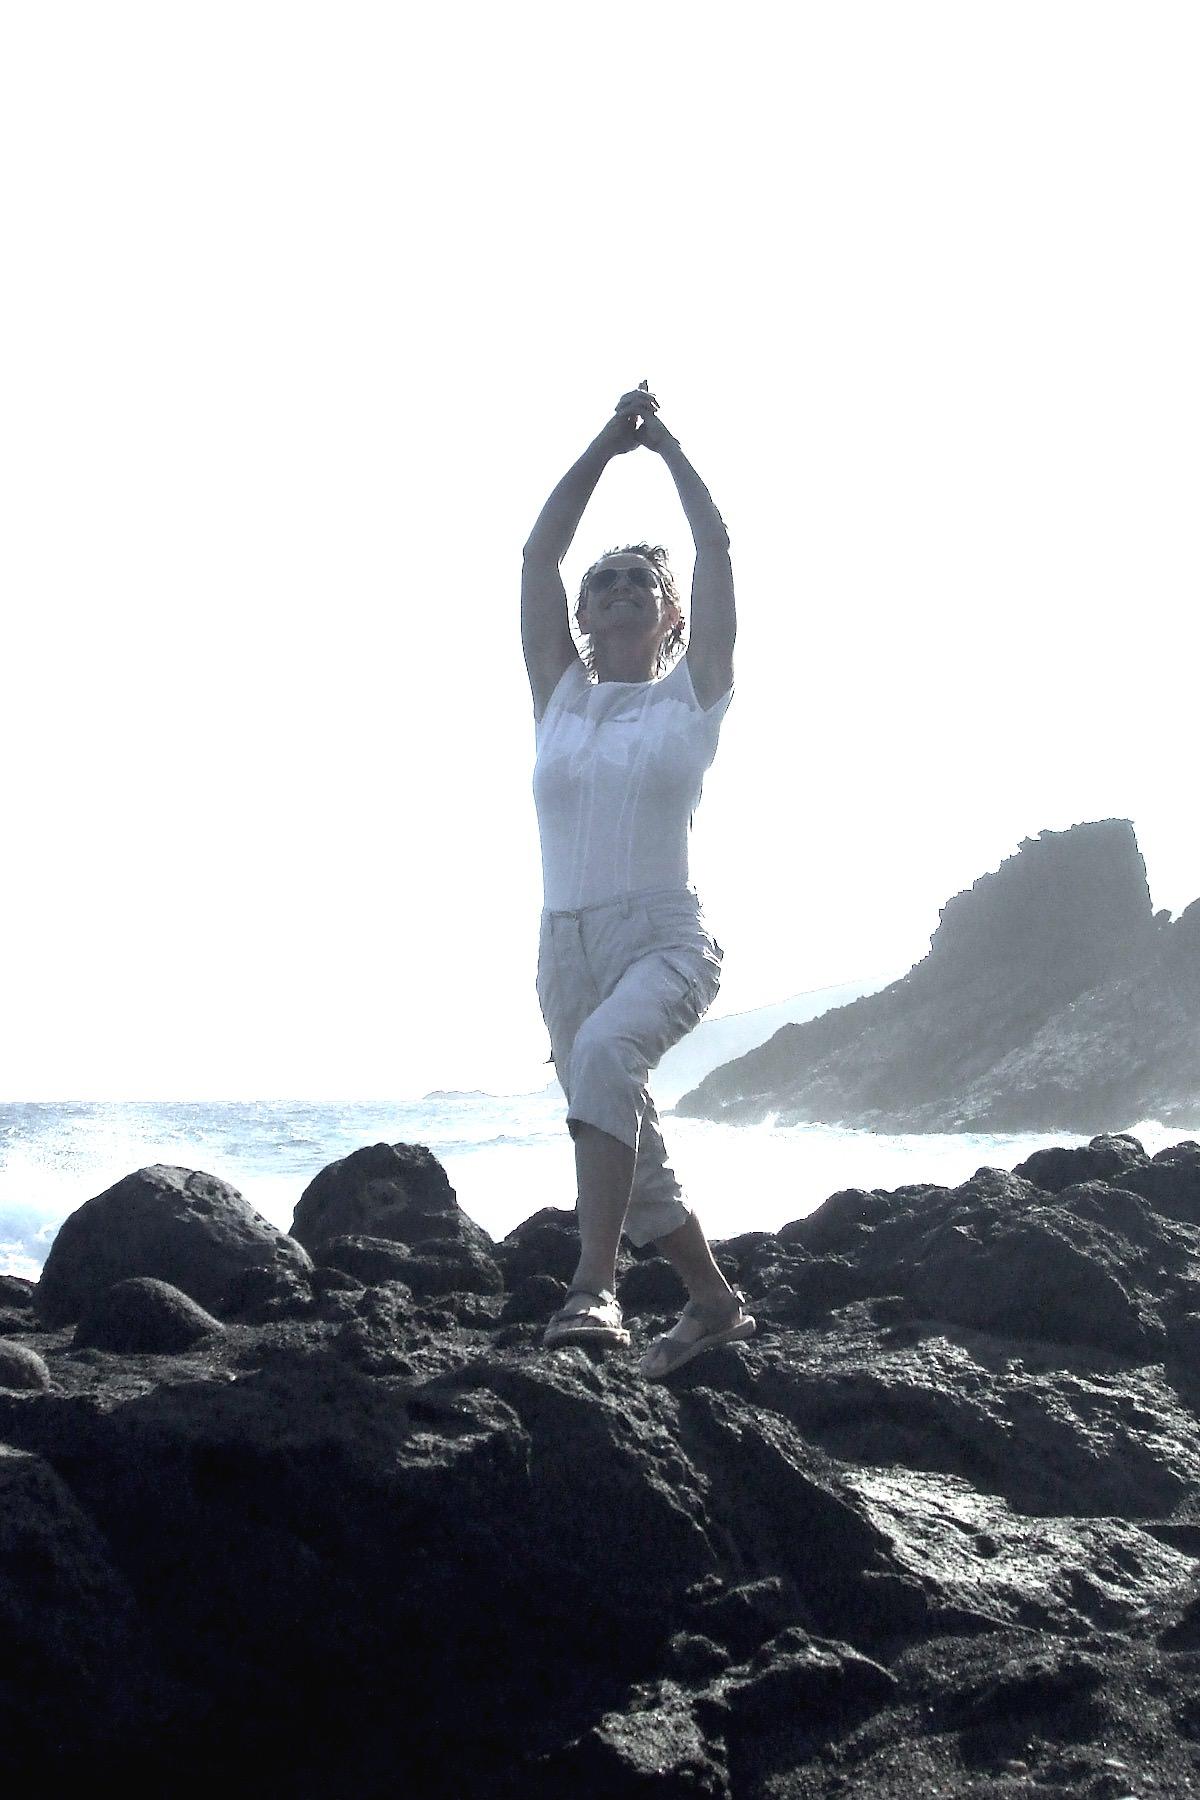 Irene macht Yoga auf einem Felsen